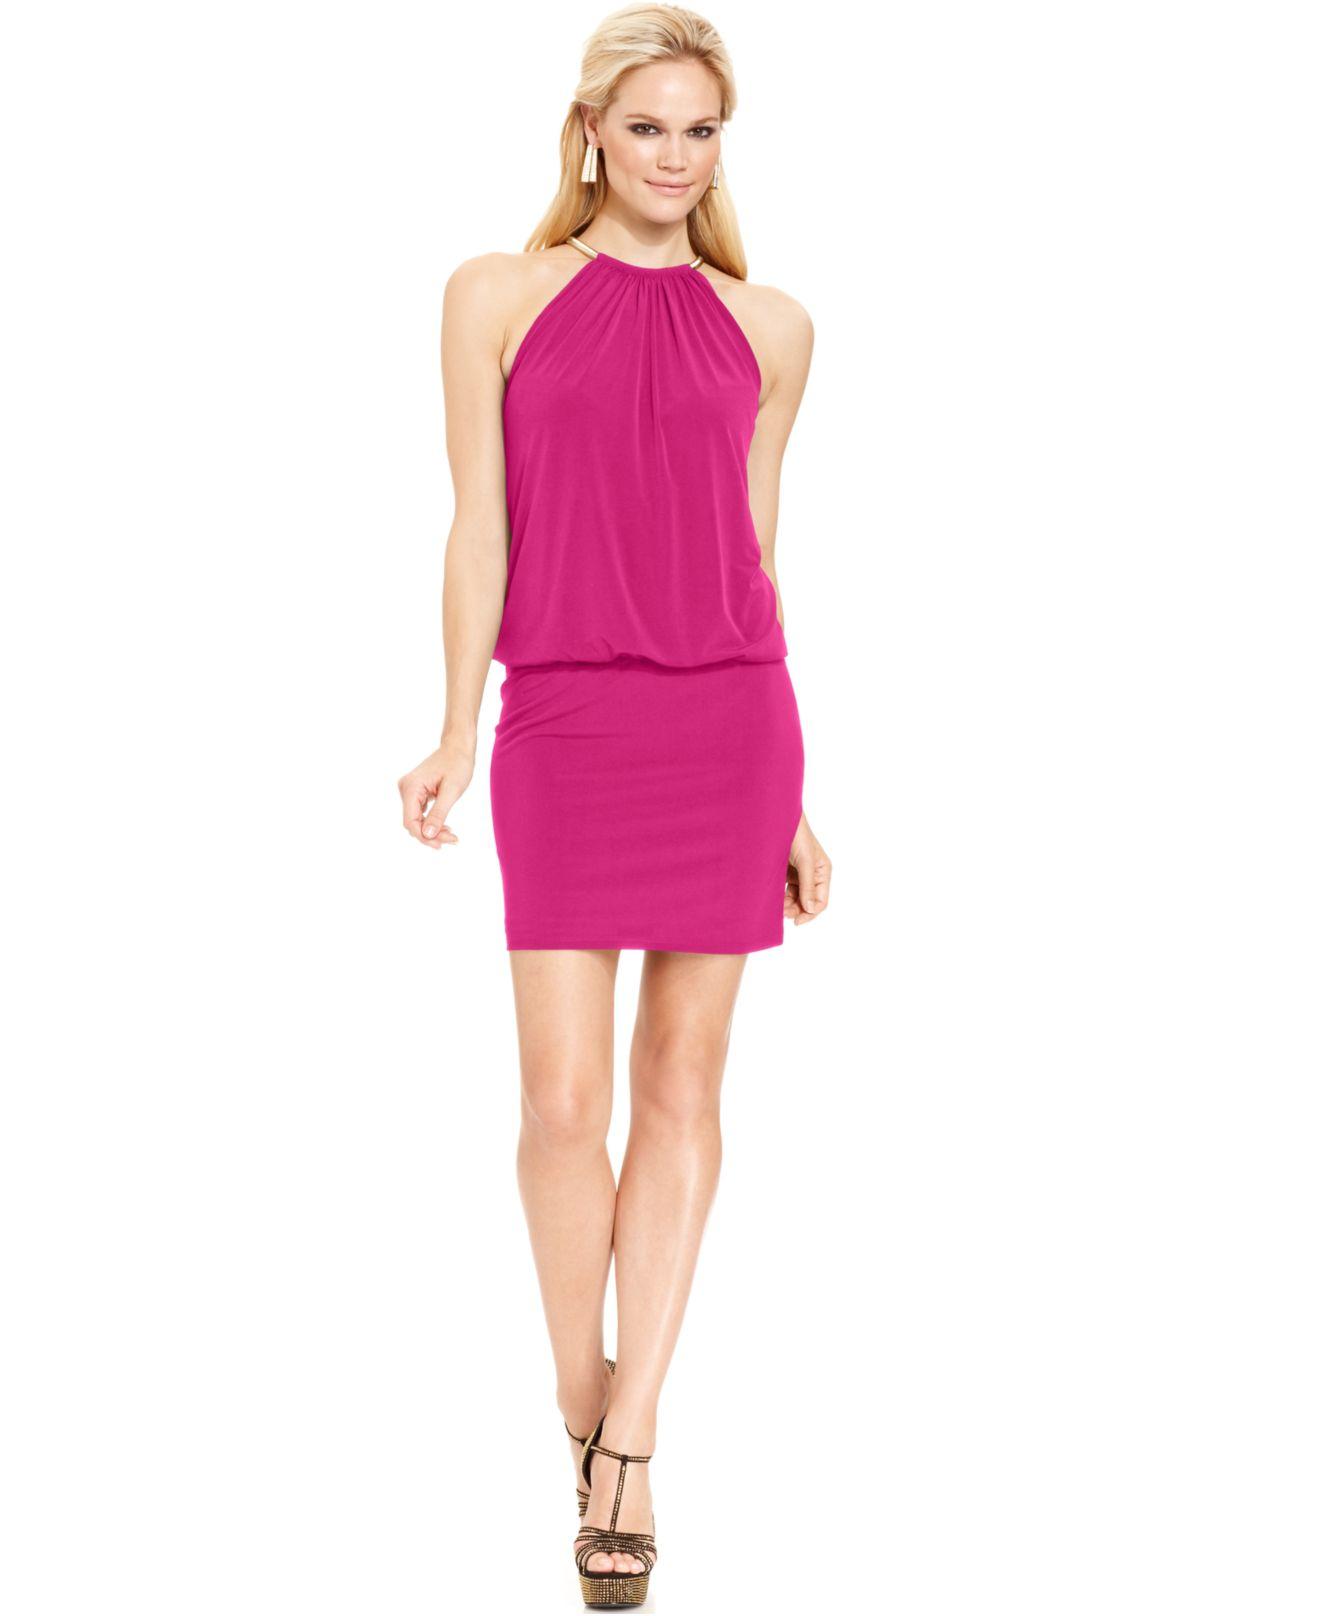 Encantador Blouson Cocktail Dress Ideas Ornamento Elaboración ...